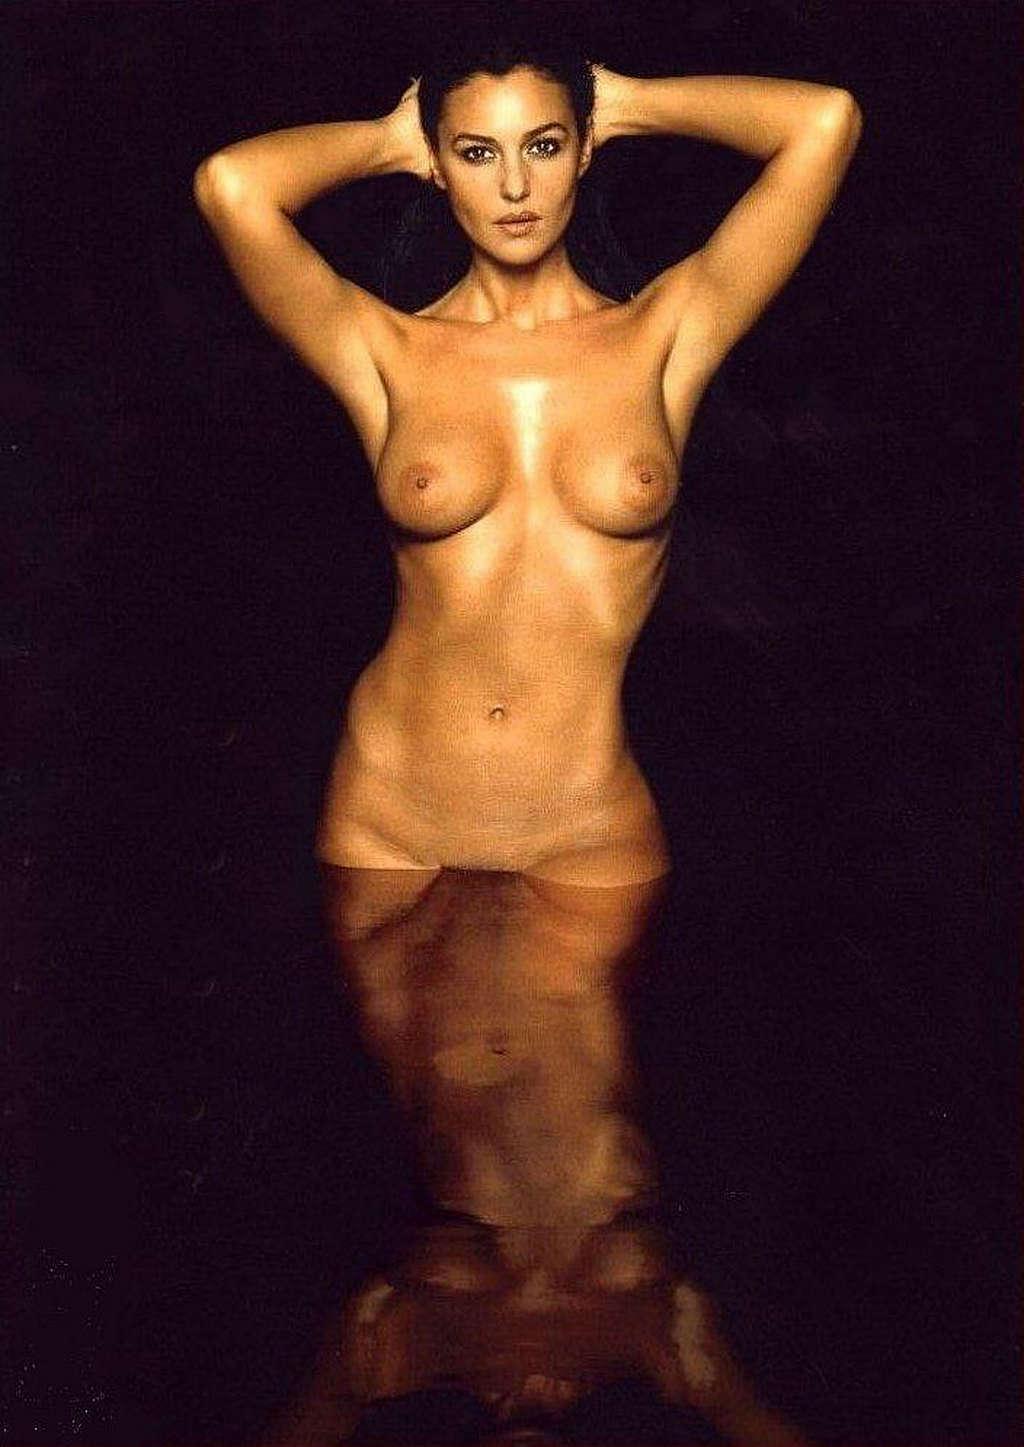 Boobs Monica Bellucci Naked Photos